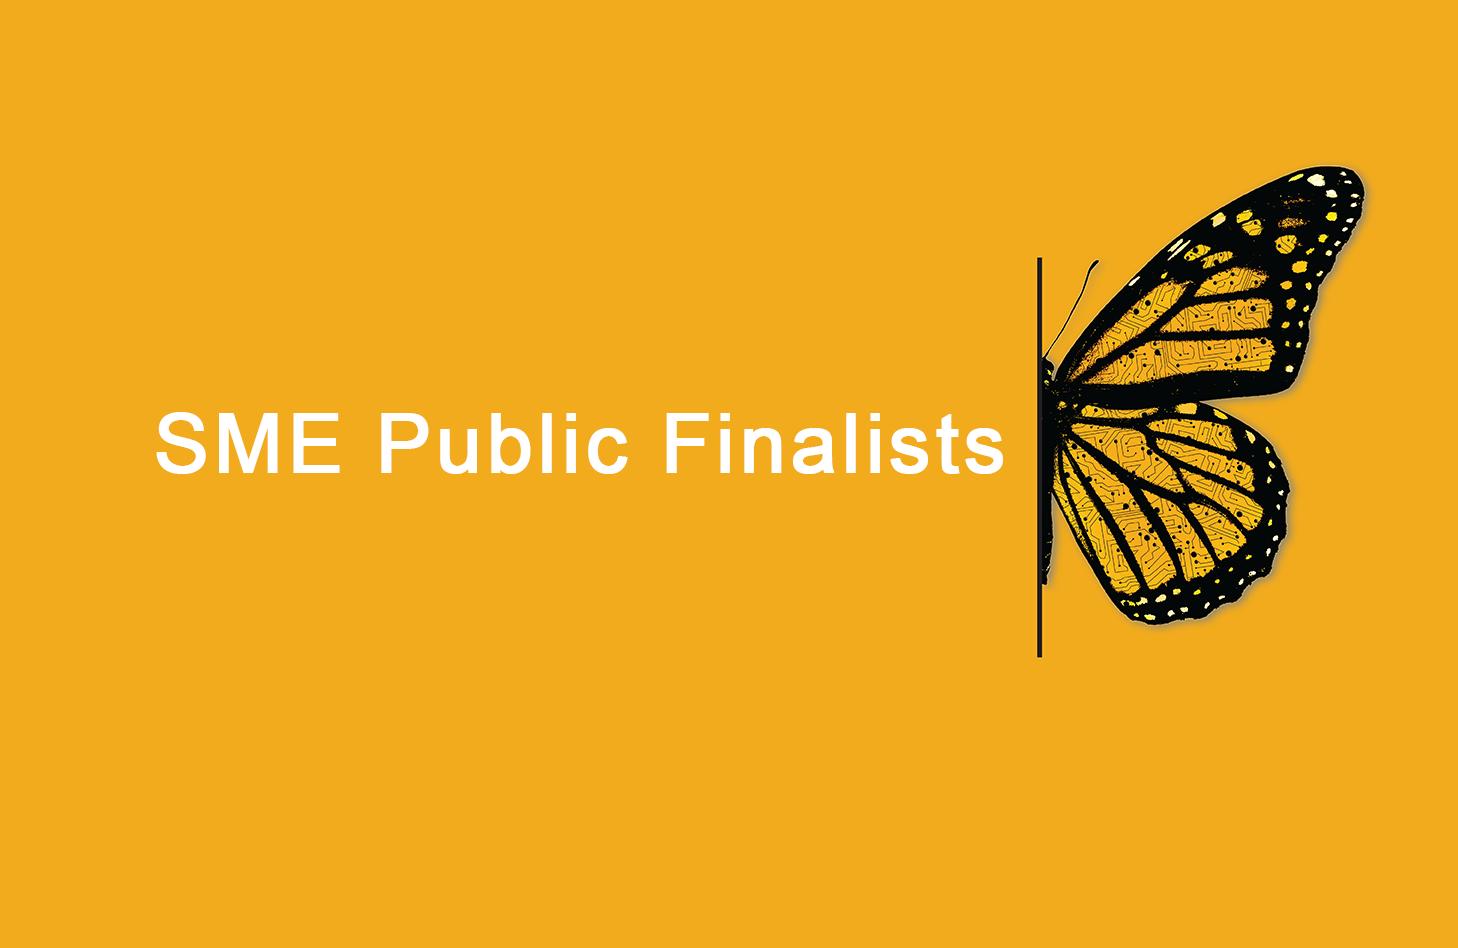 SME private finalists